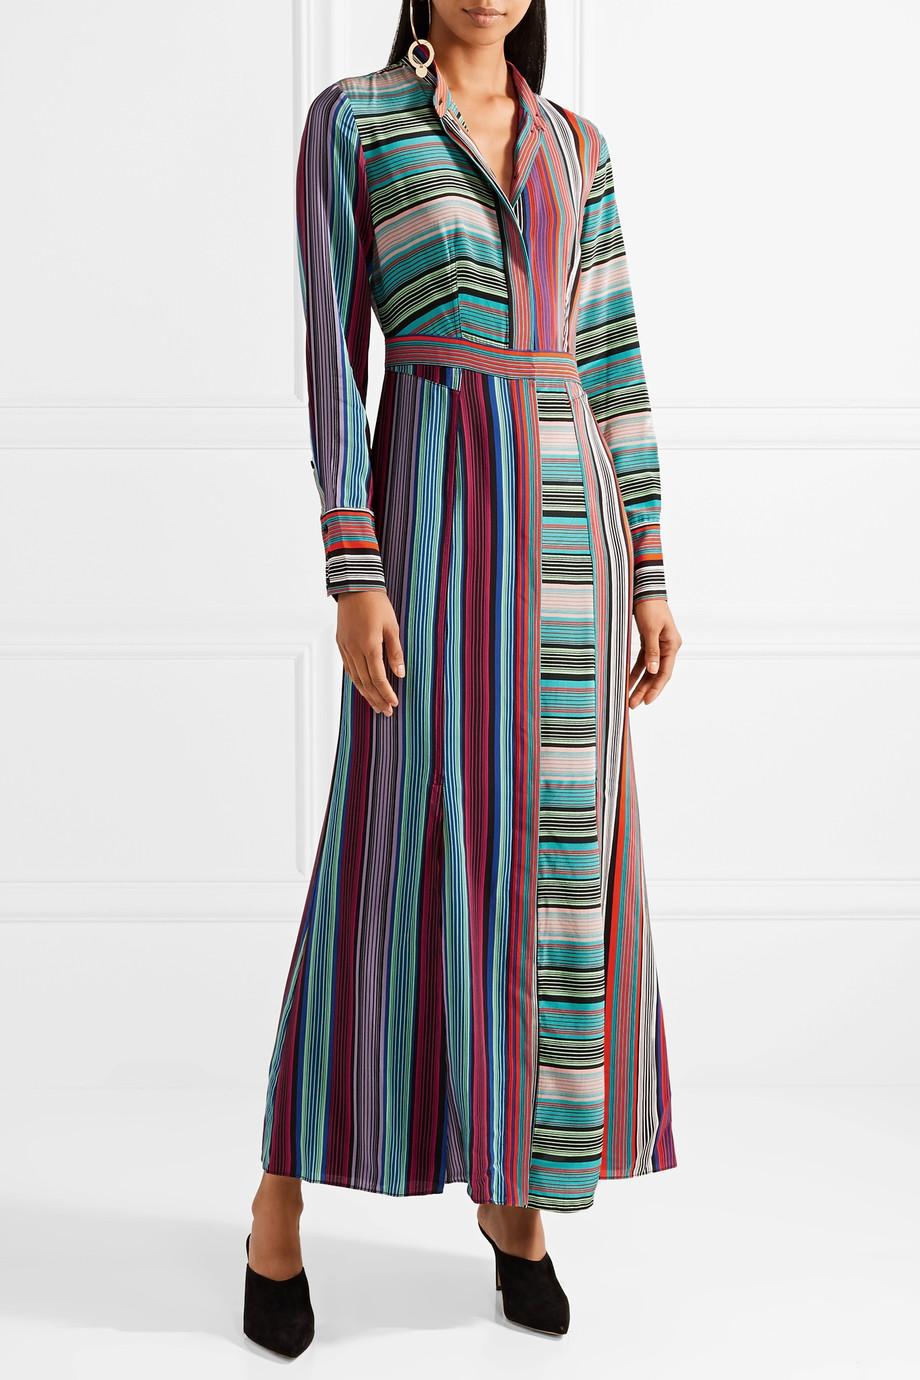 DVF fall 2018 print dress